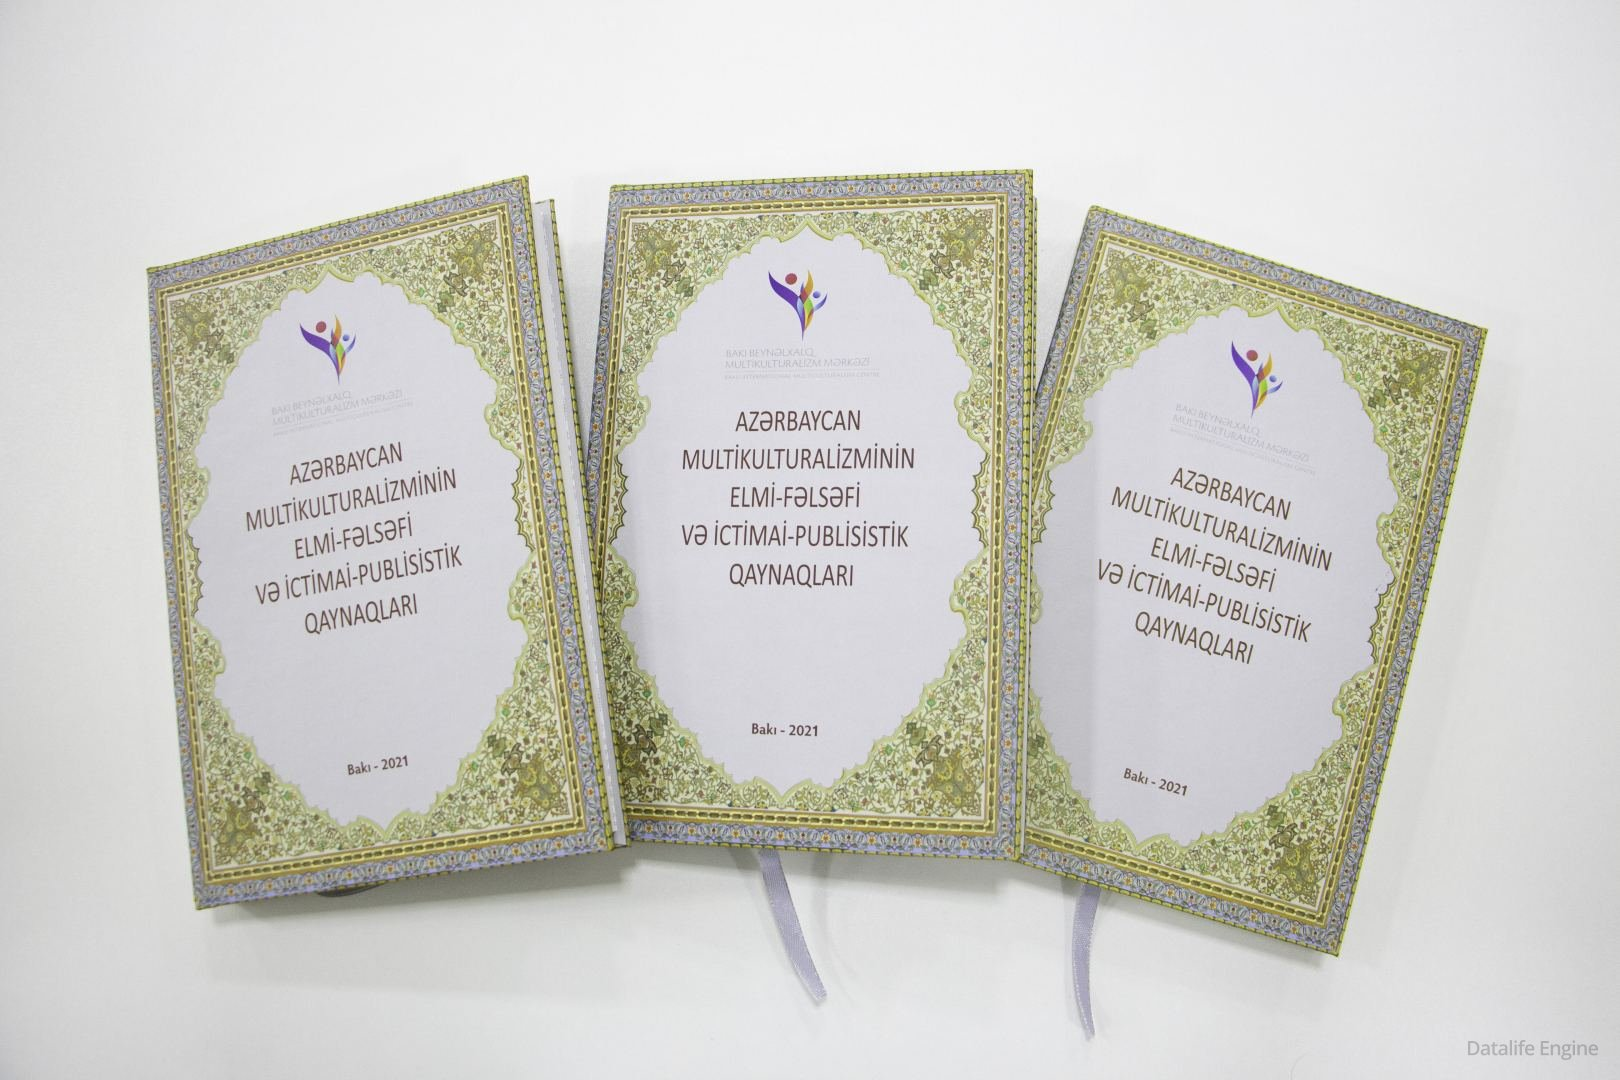 """""""Azərbaycan multikulturalizminin elmi-fəlsəfi və ictimai-publisistik qaynaqları"""" kitabı nəşr edilib"""